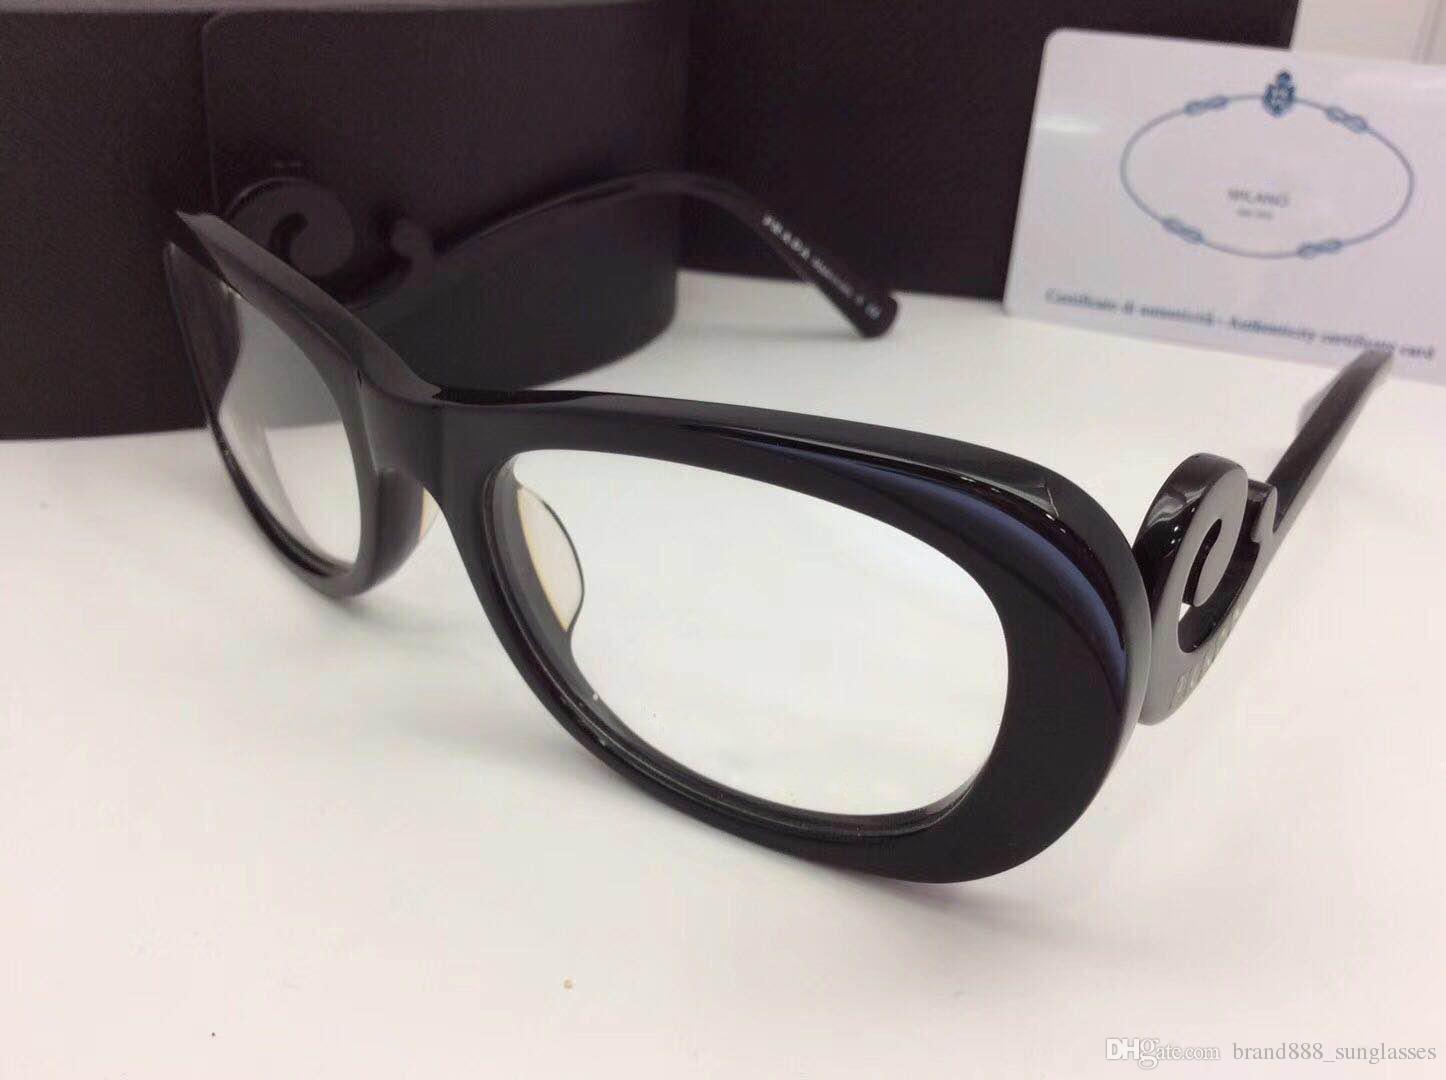 050ef70f1d New Fashion Brand Desinger Optical Eyeglasses SPR09P-A Model Black ...